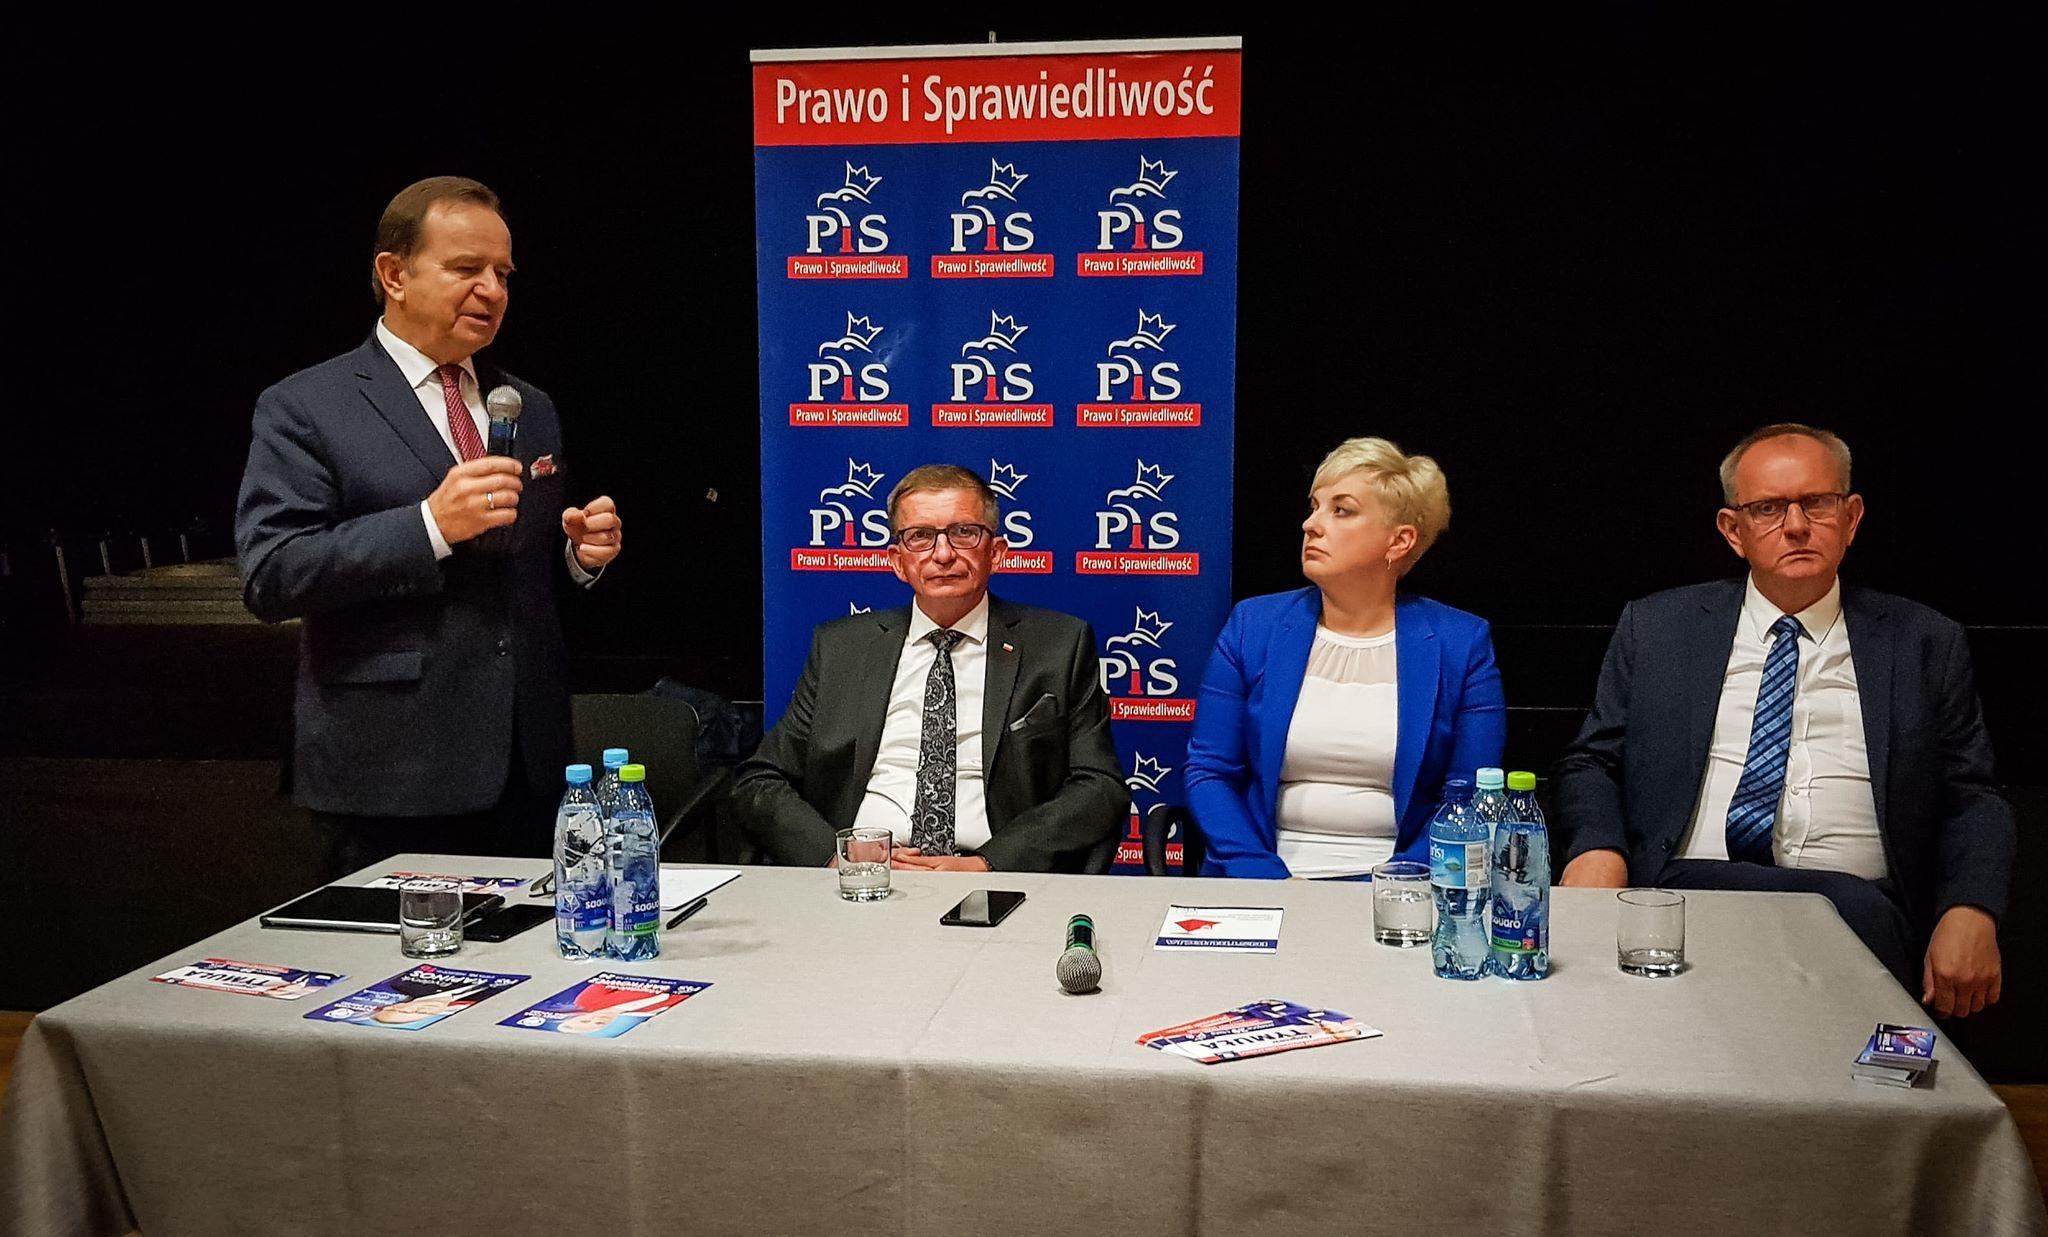 """Konwencja Prawa i Sprawiedliwości w Mielcu: """"Musimy pracować!"""" [VIDEO] - Zdjęcie główne"""